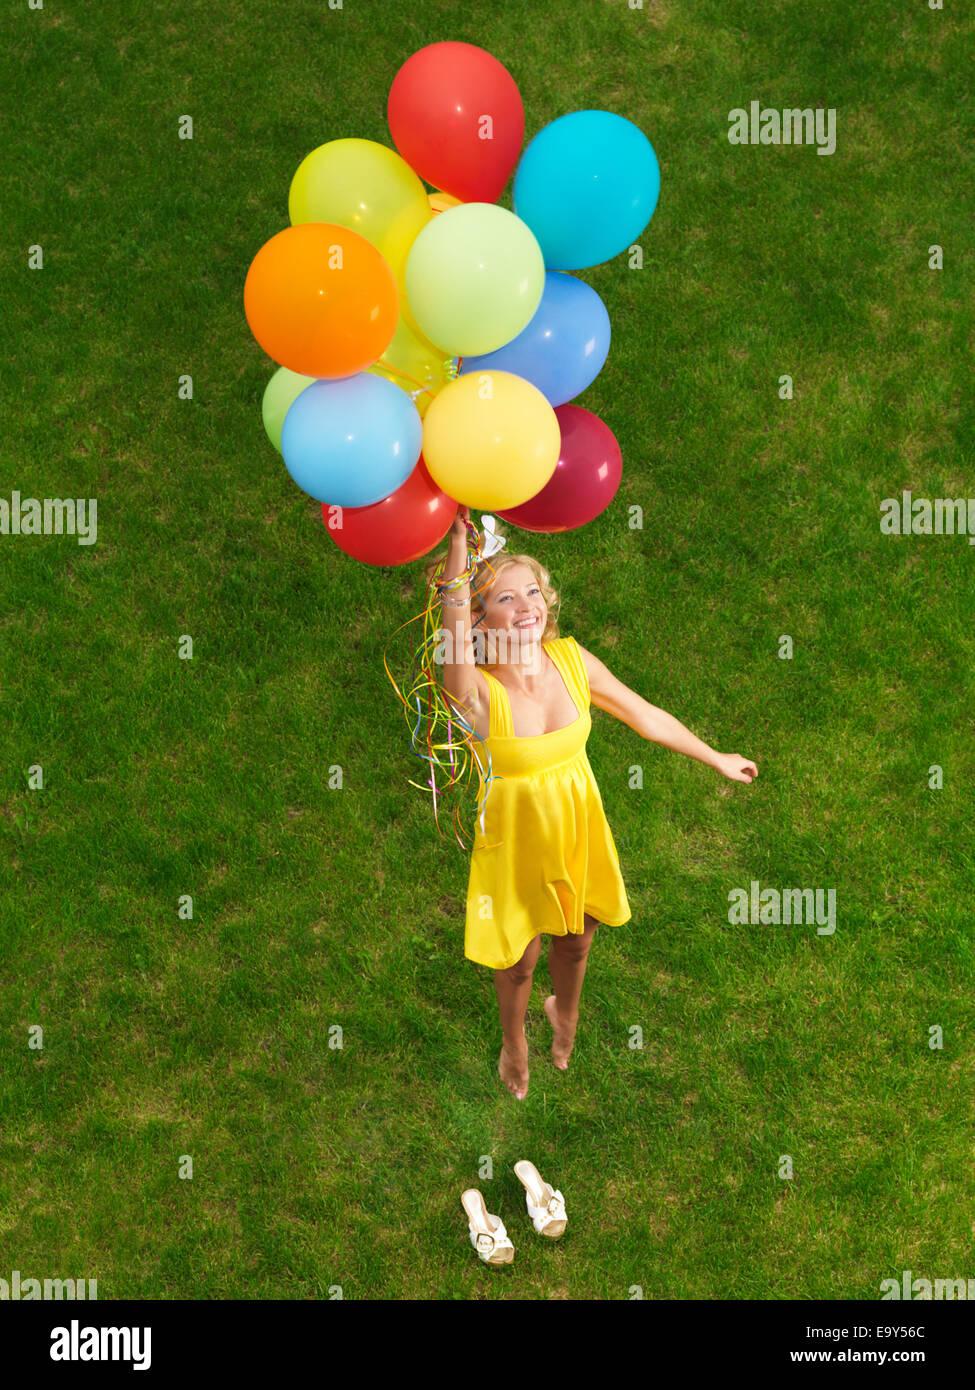 Joven Mujer feliz volando desde el suelo en coloridos globos de aire Imagen De Stock